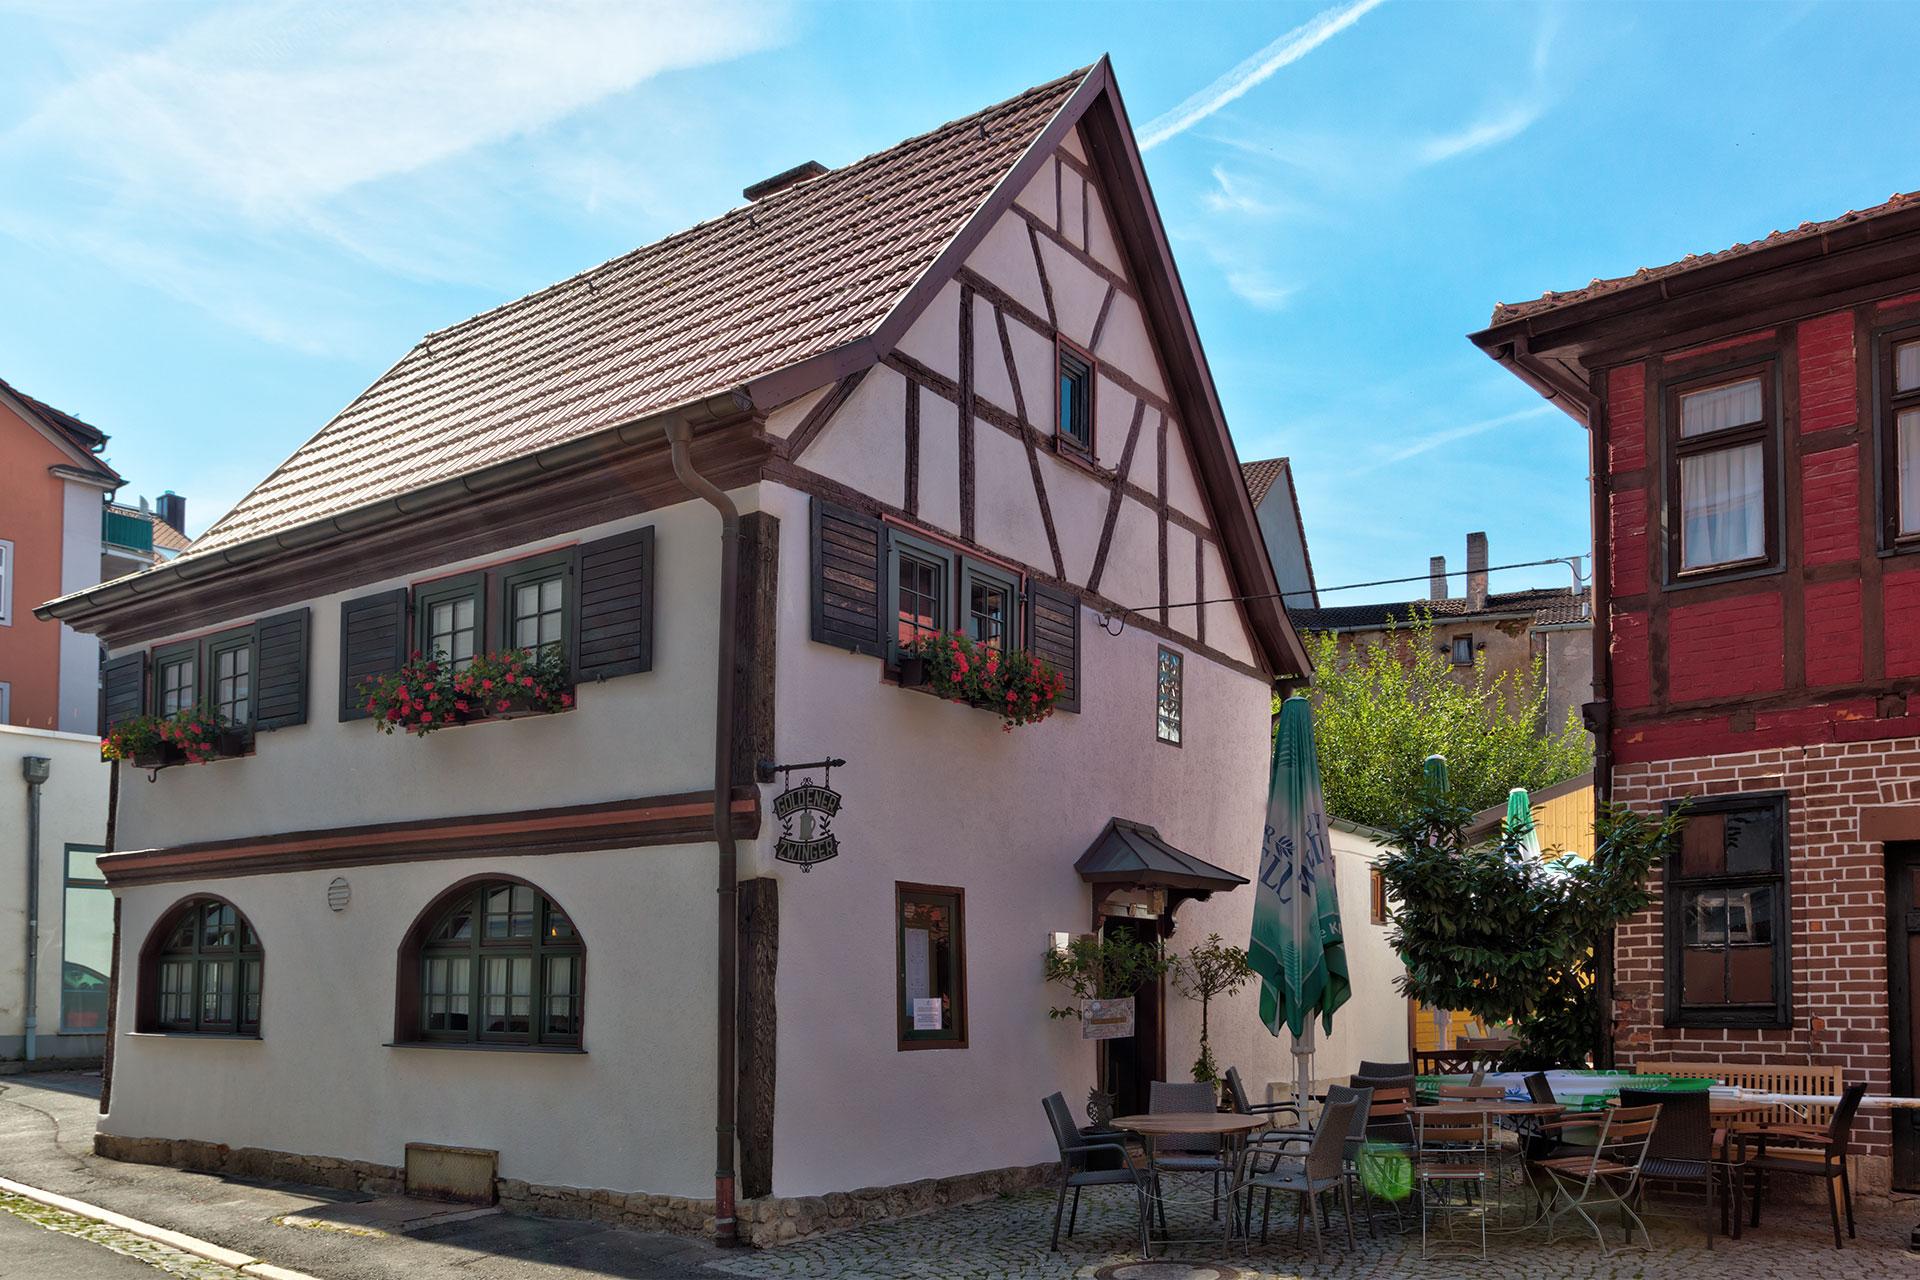 Goldener Zwinger in Meiningen mit Biergarten